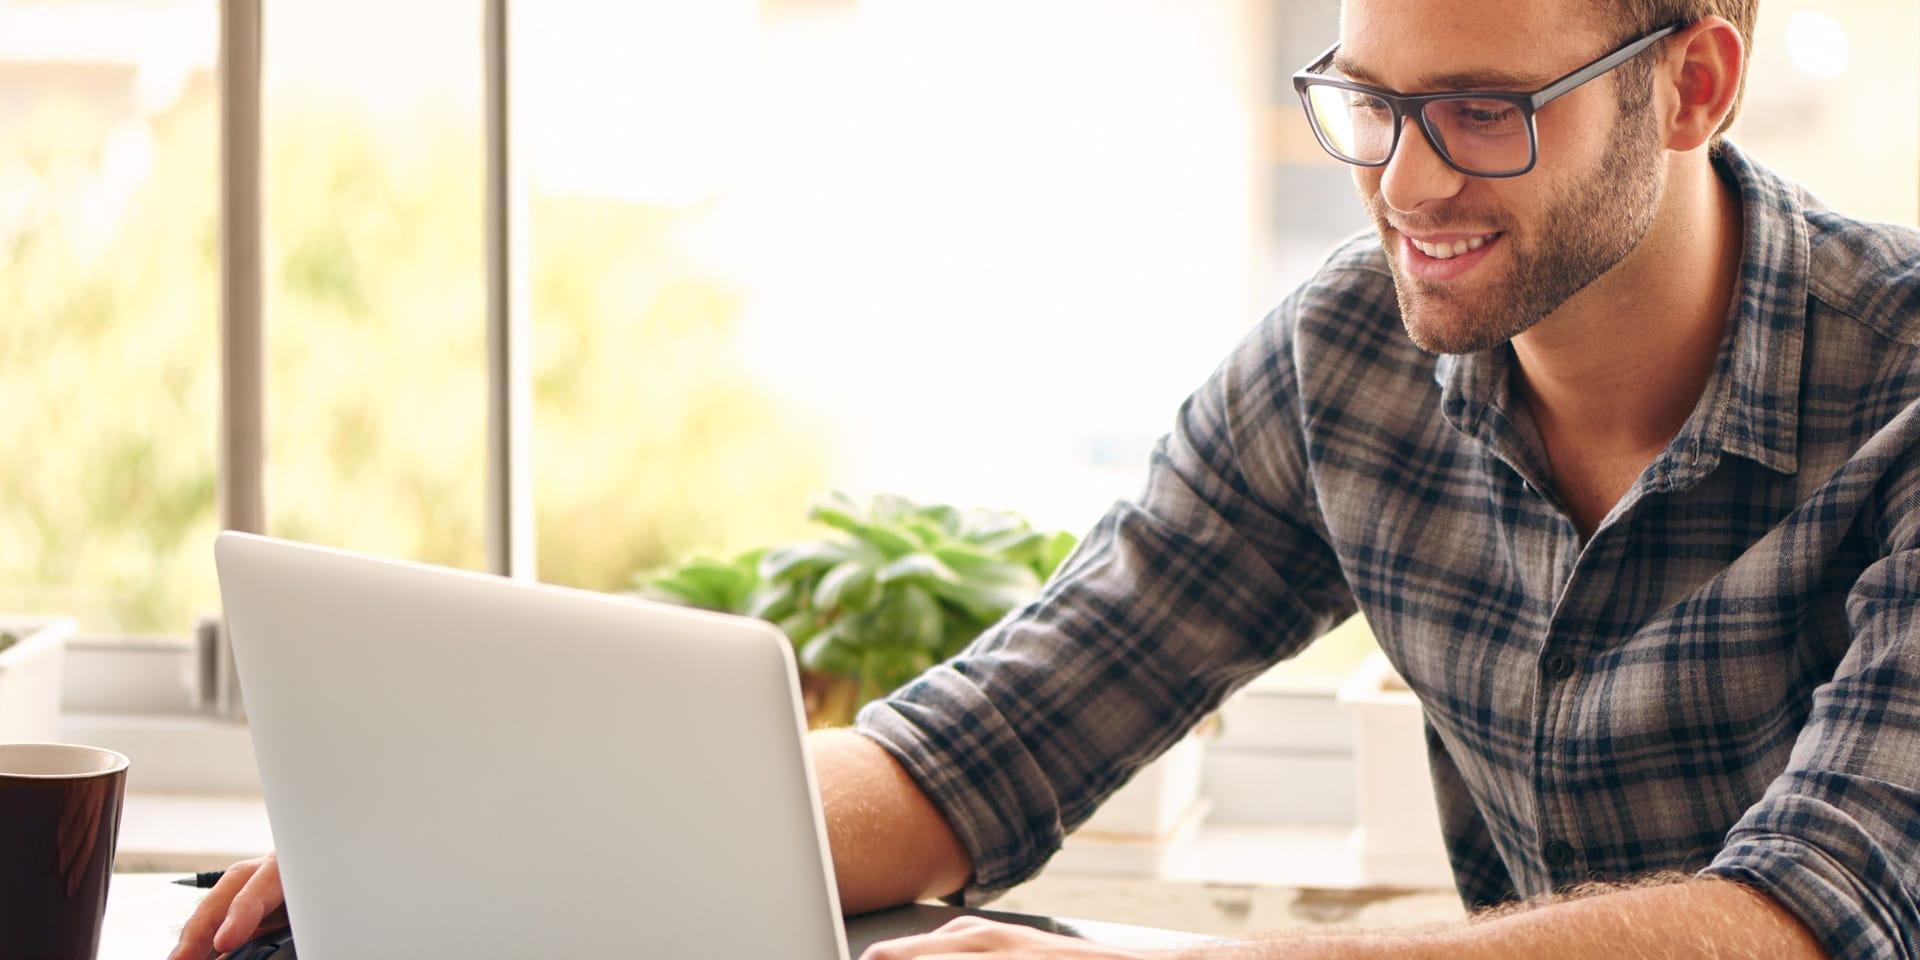 Man shopping online on laptop